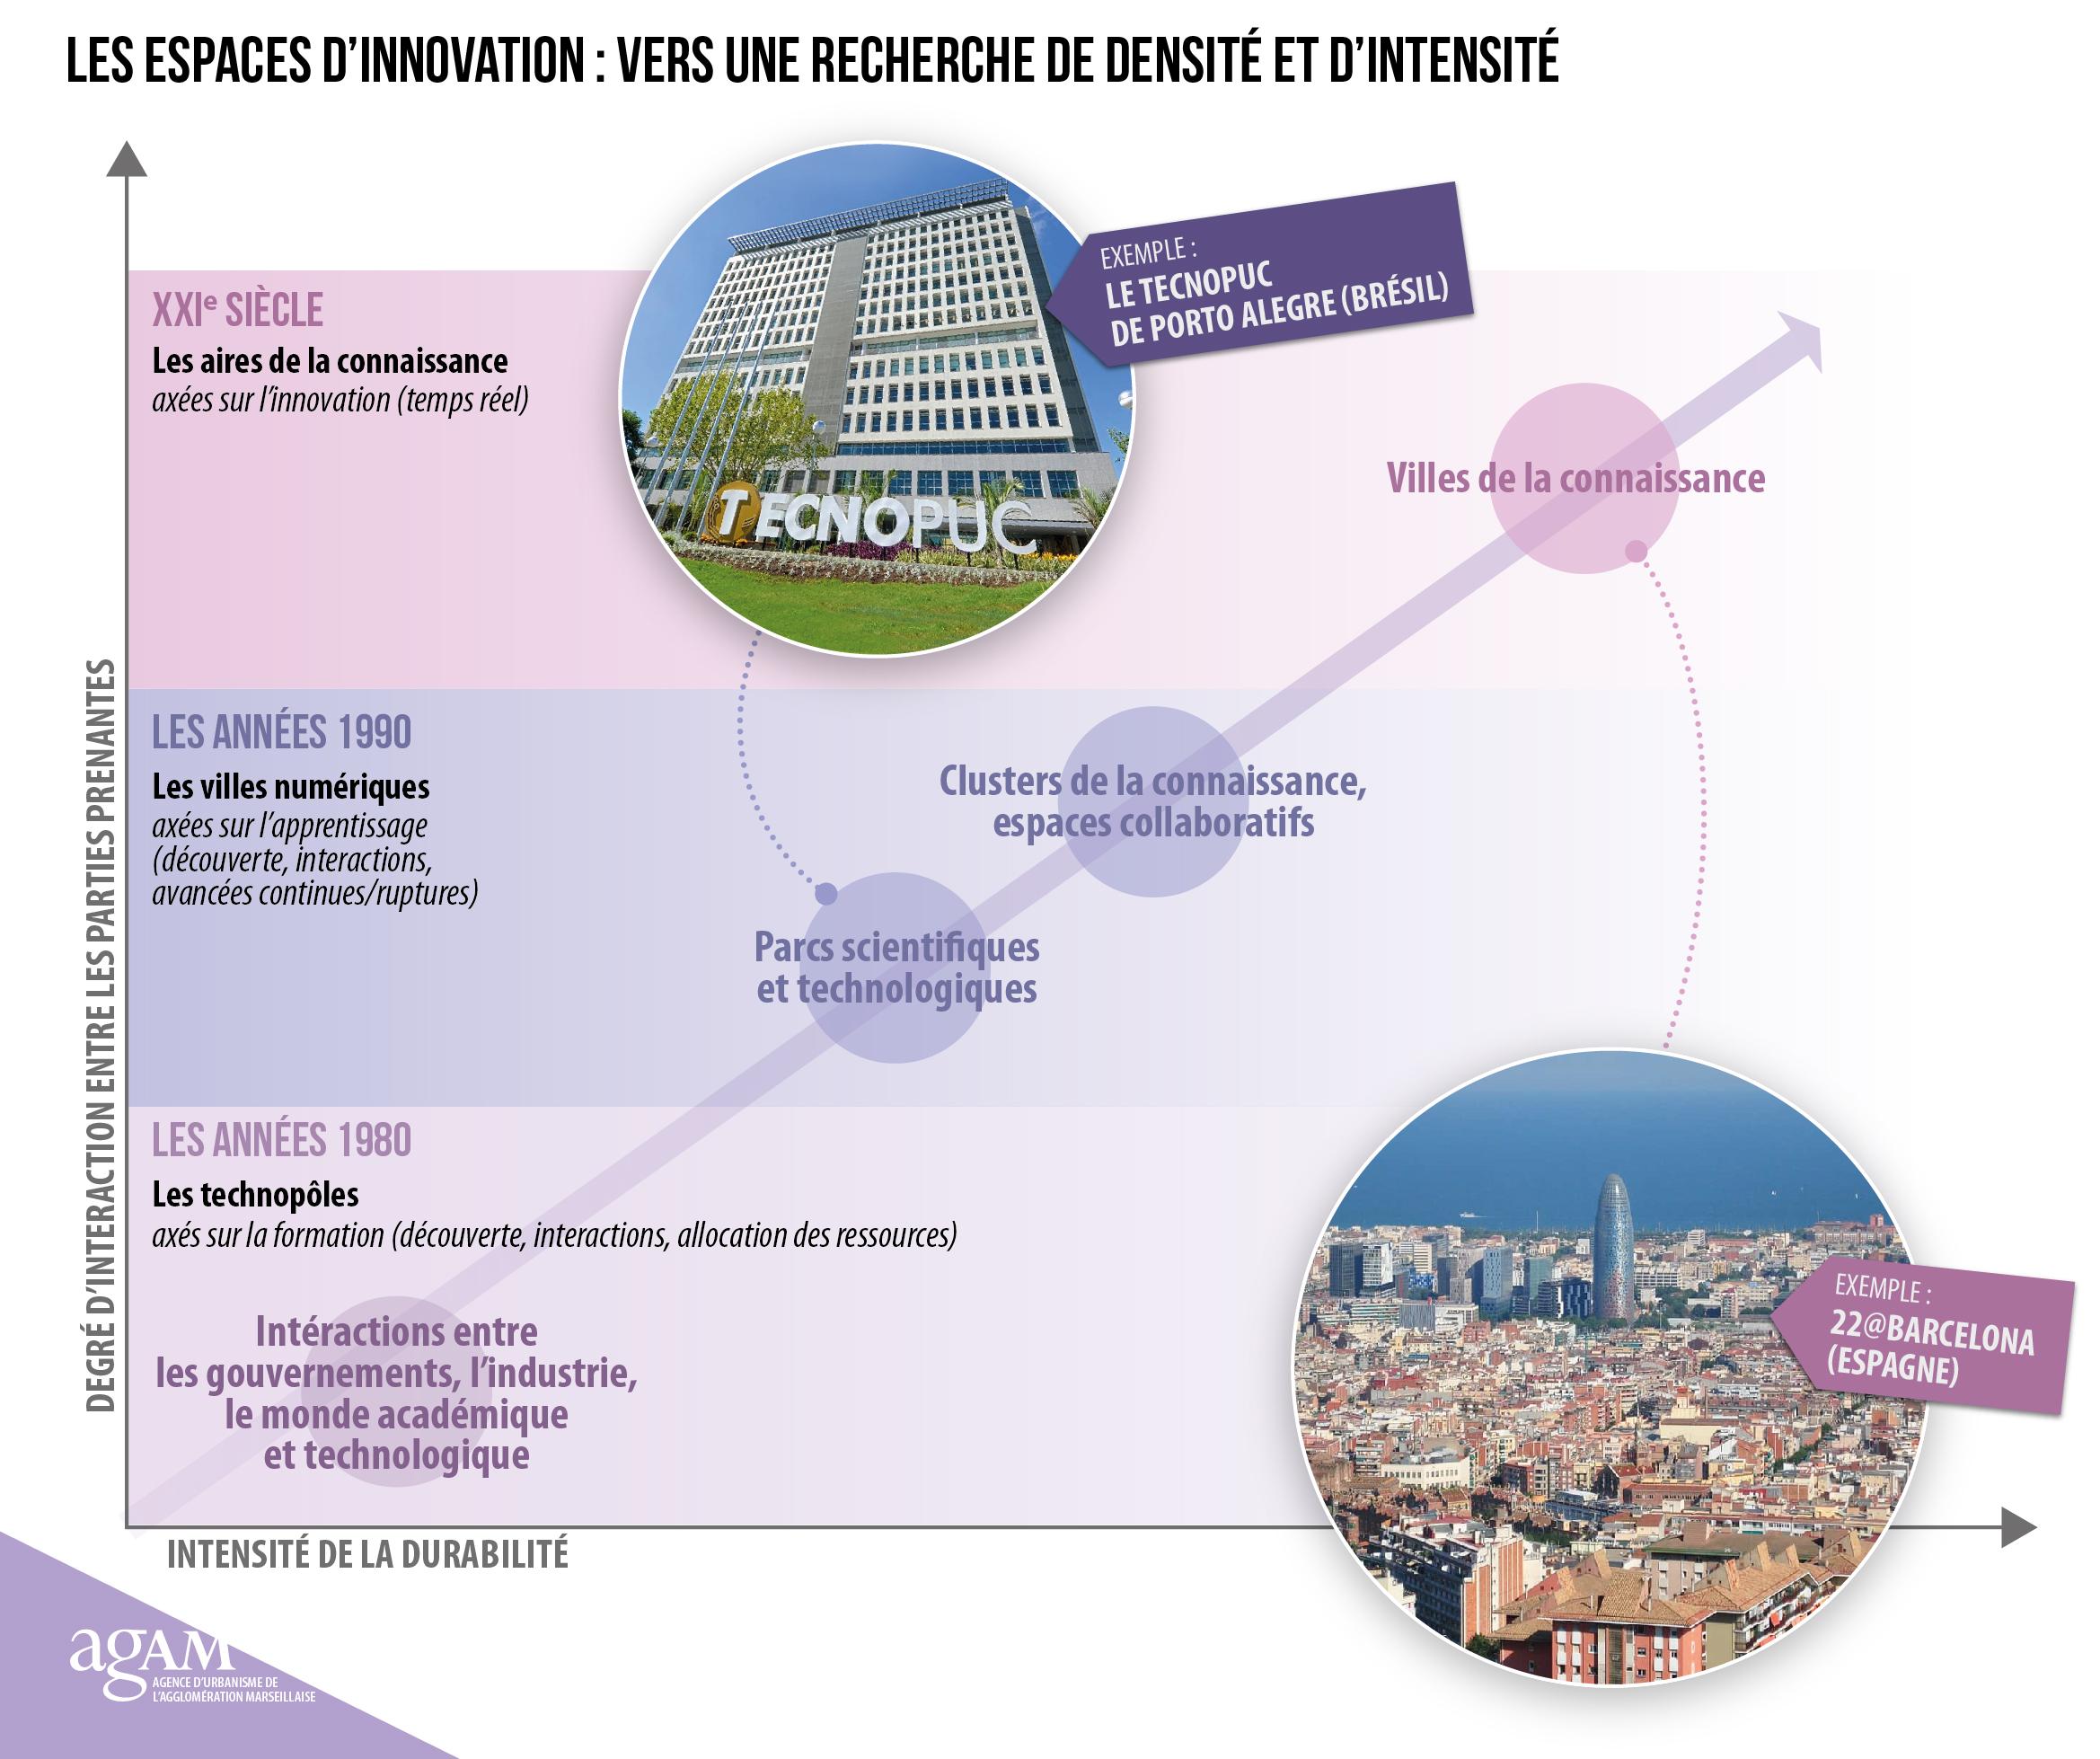 Evolution des espaces de l'innovation